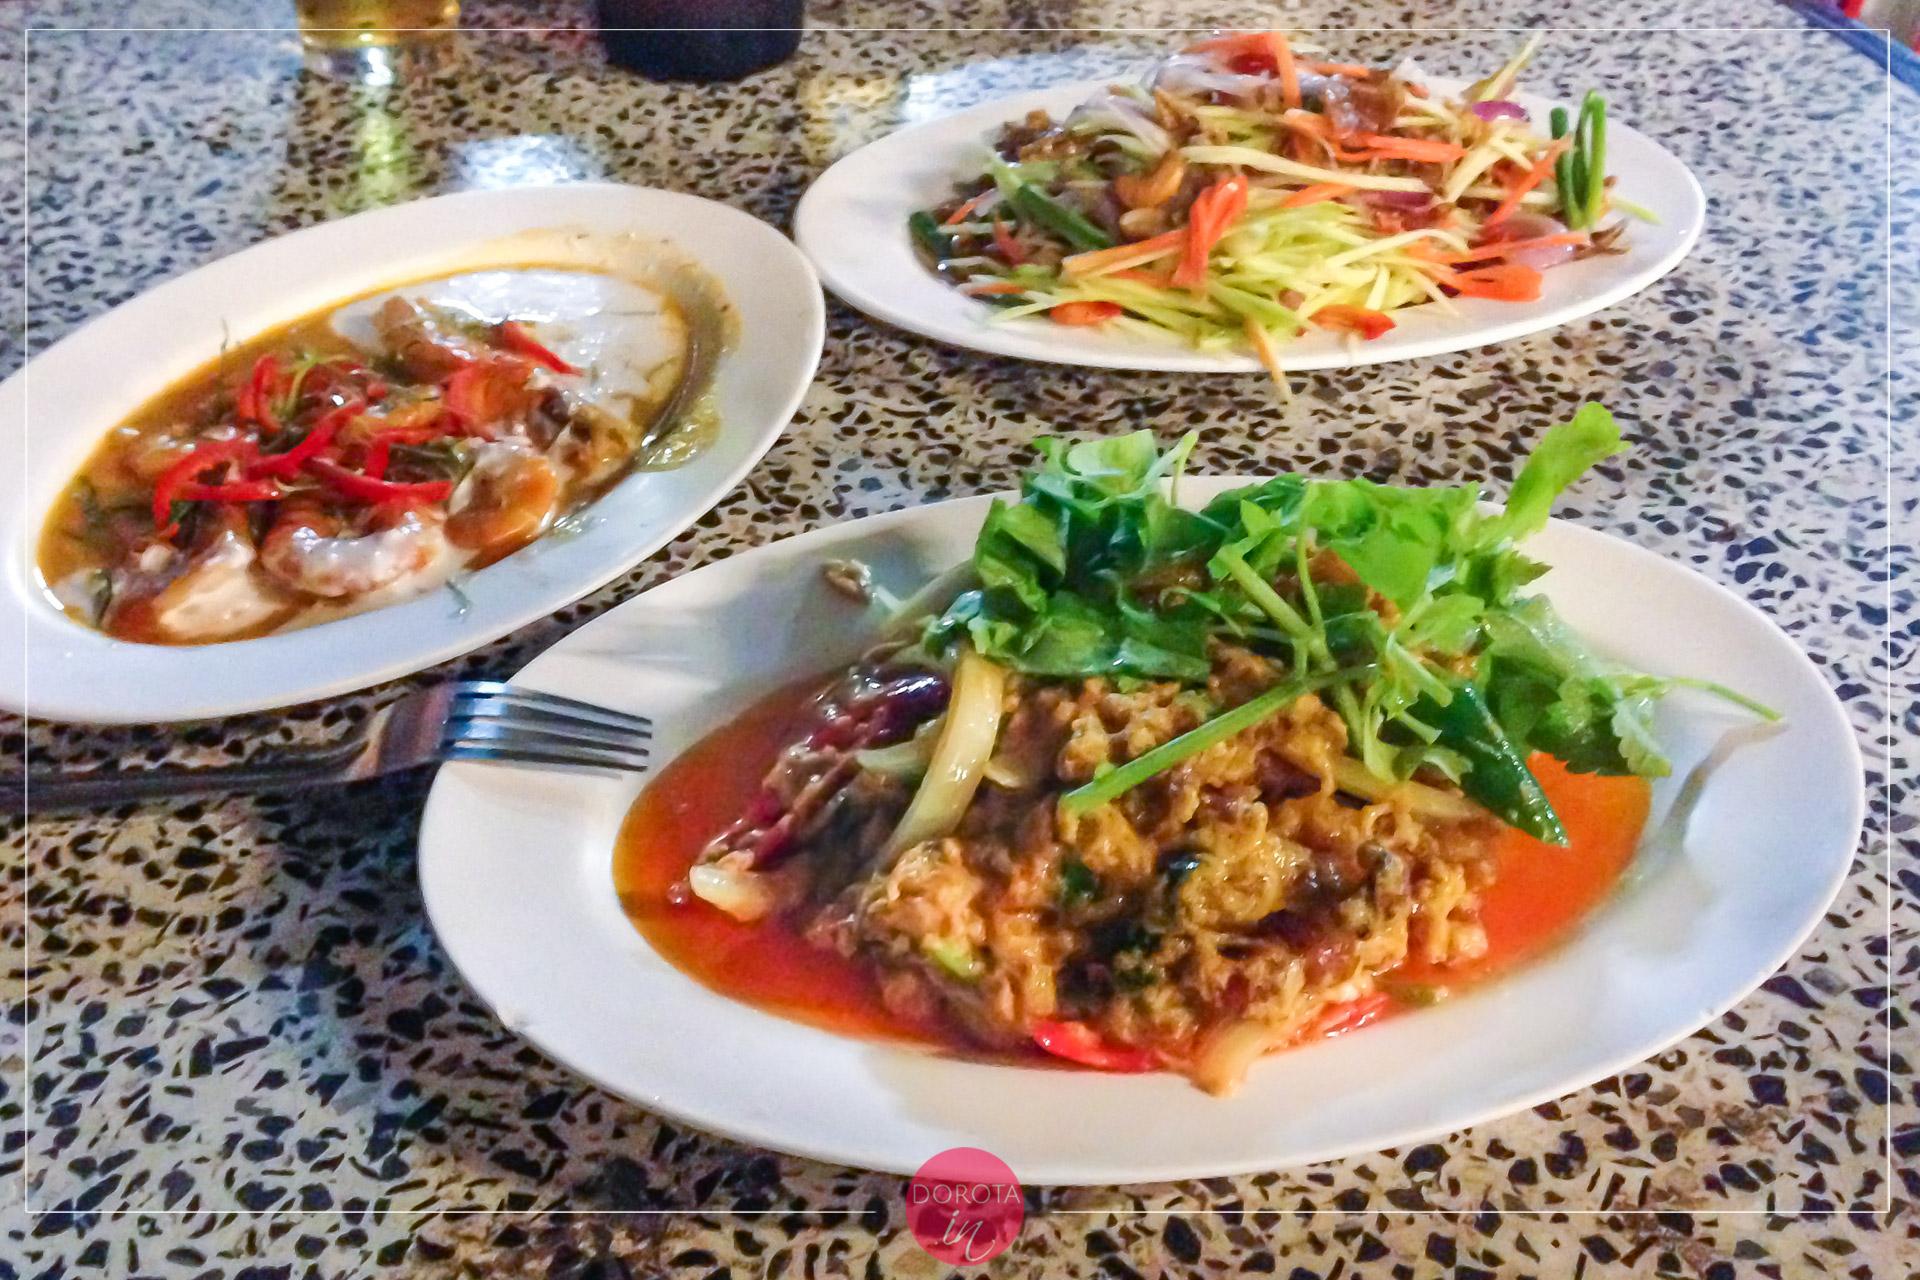 Kuchnia Tajska Smak Potrawy Składniki Co Jeść W